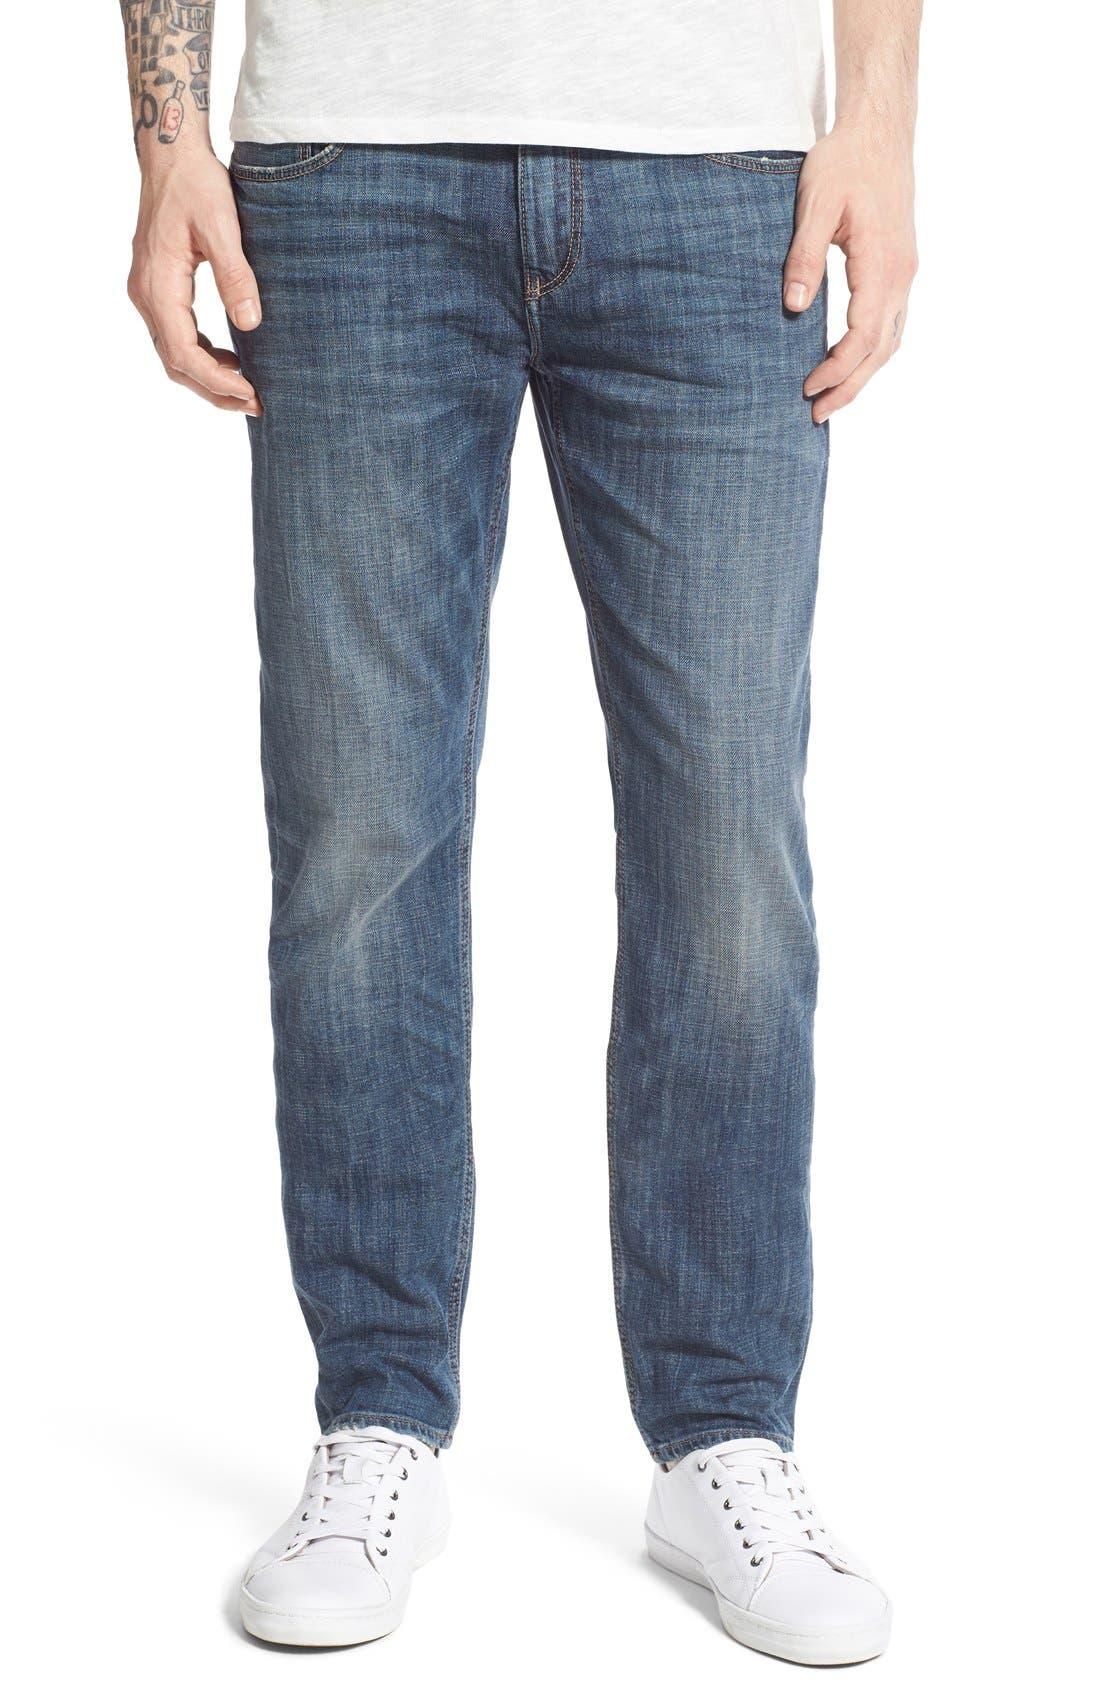 Main Image - Treasure&Bond Slim Fit Jeans (Medium Twilight Wash)